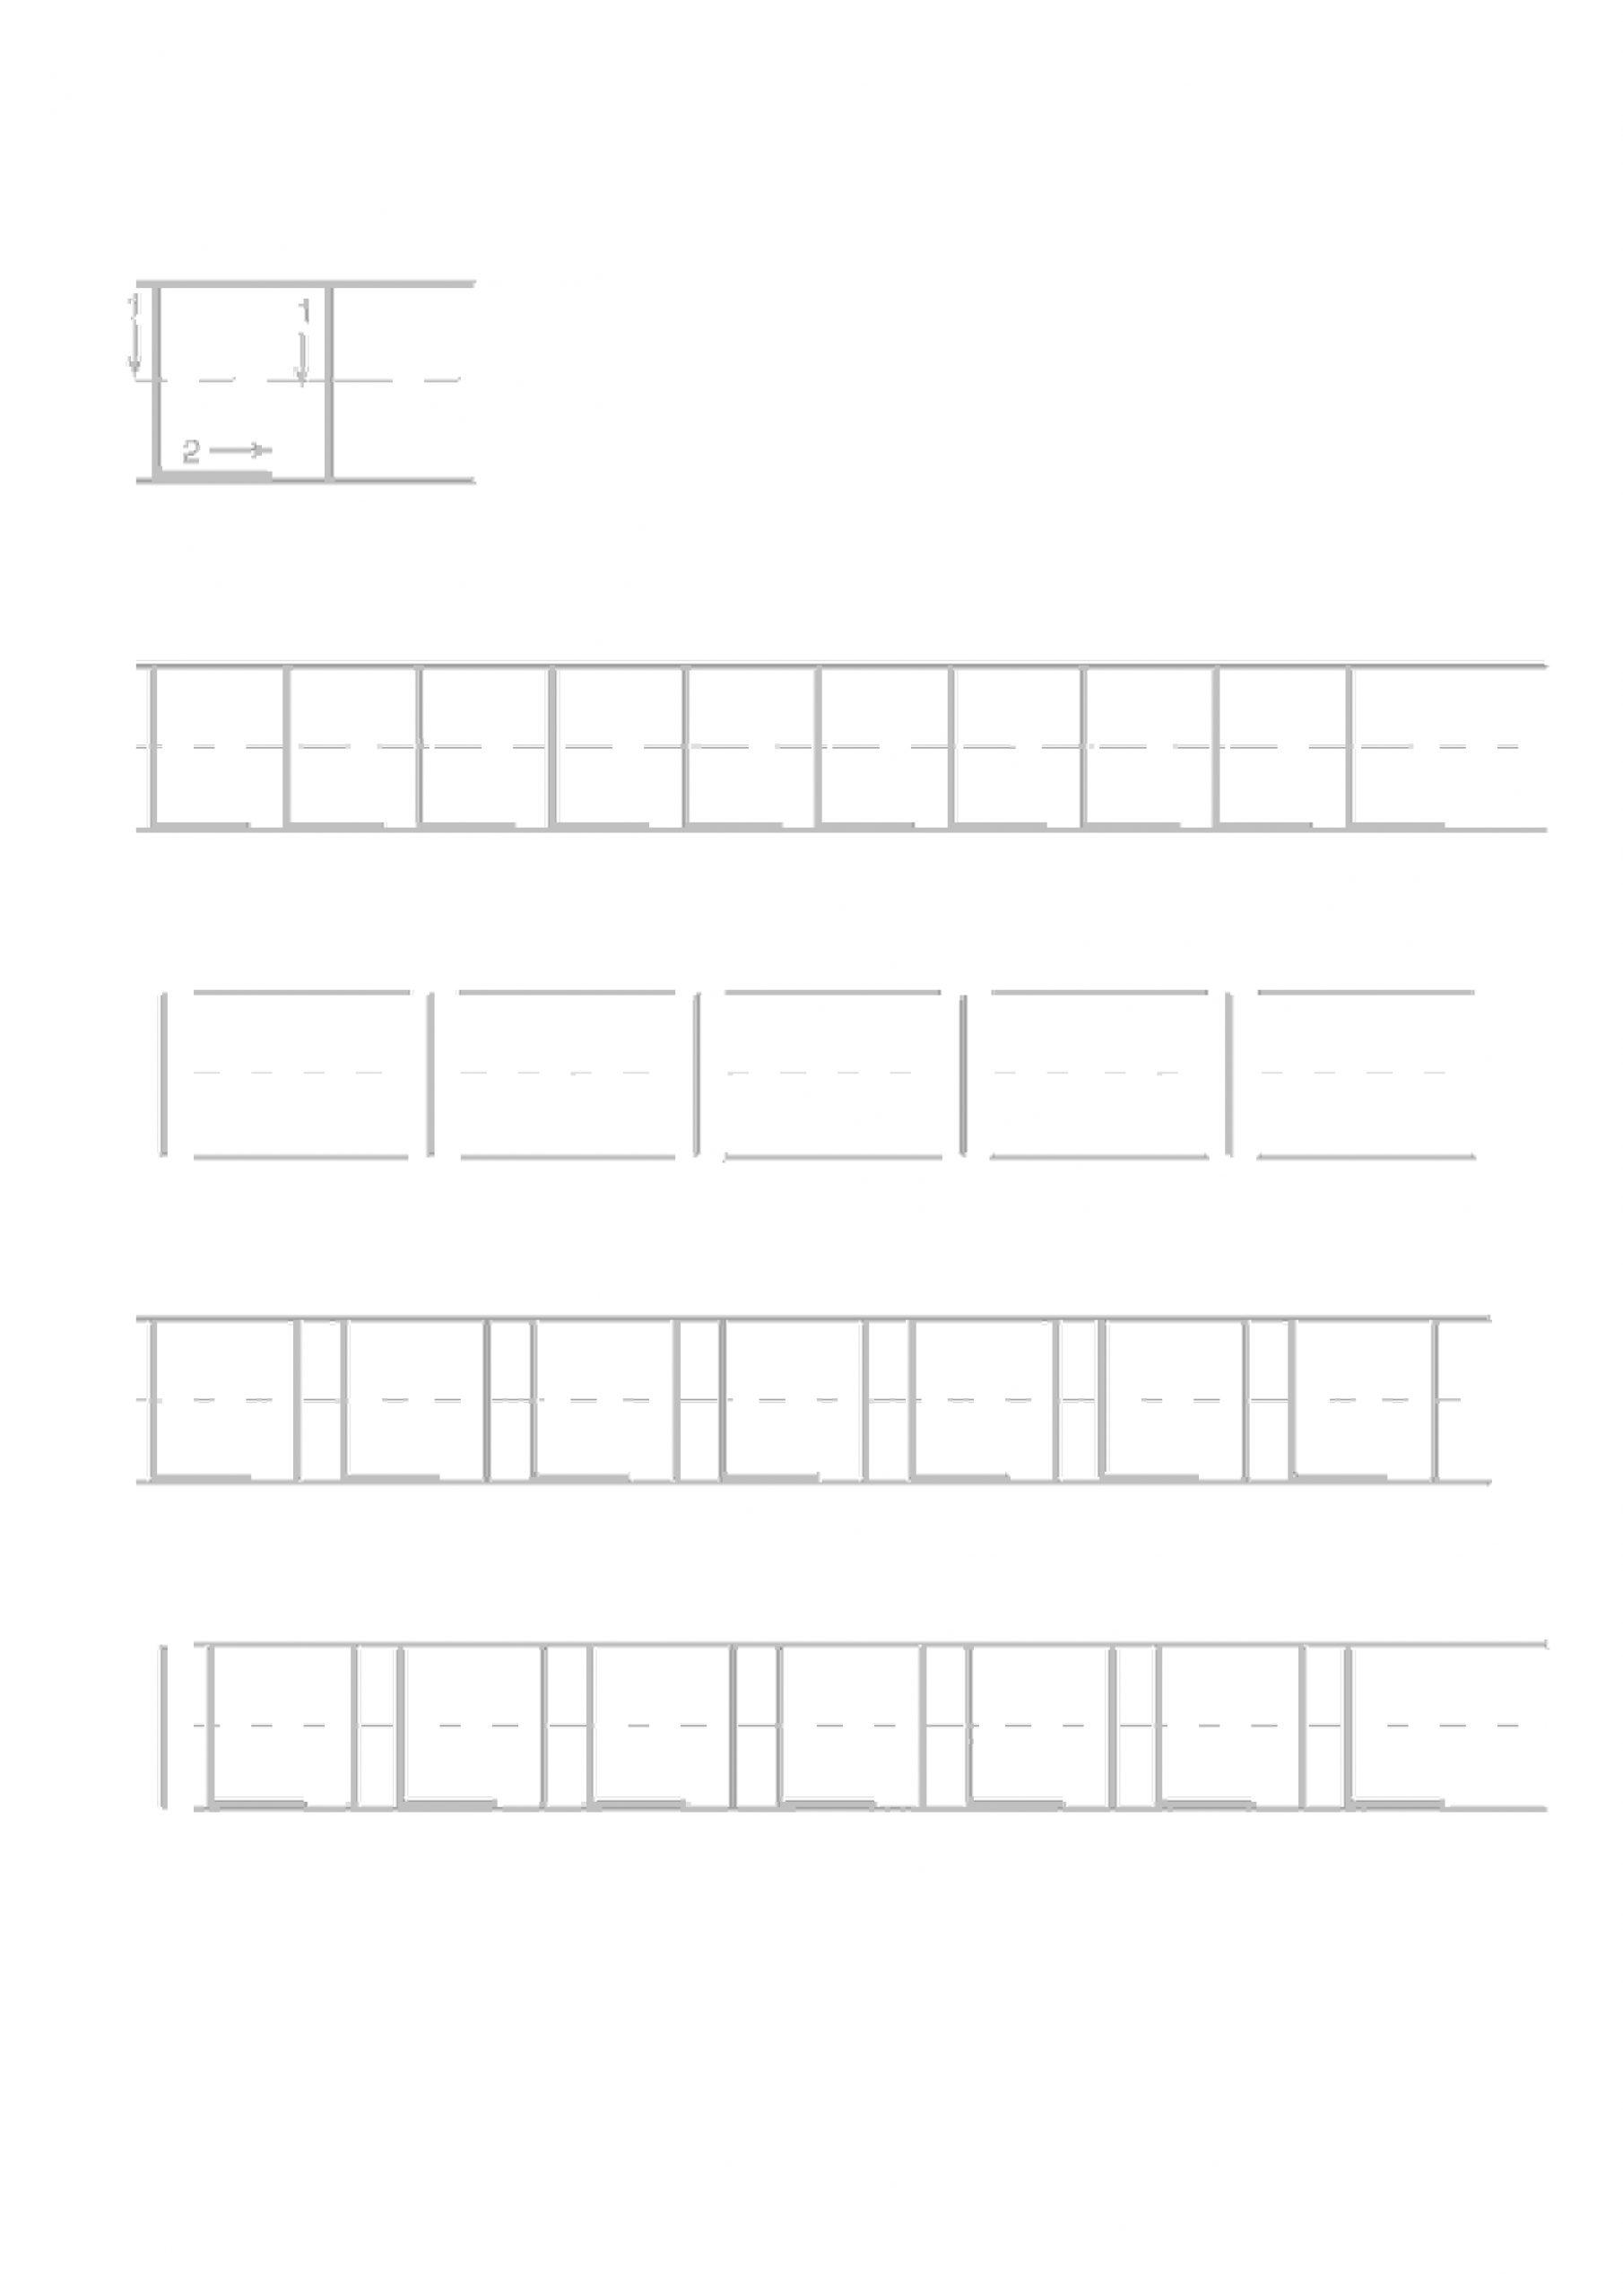 Exercices Pour Enfants De Maternelle Calligraphie Alphabet 12 tout Exercice De Maternelle A Imprimer Gratuit